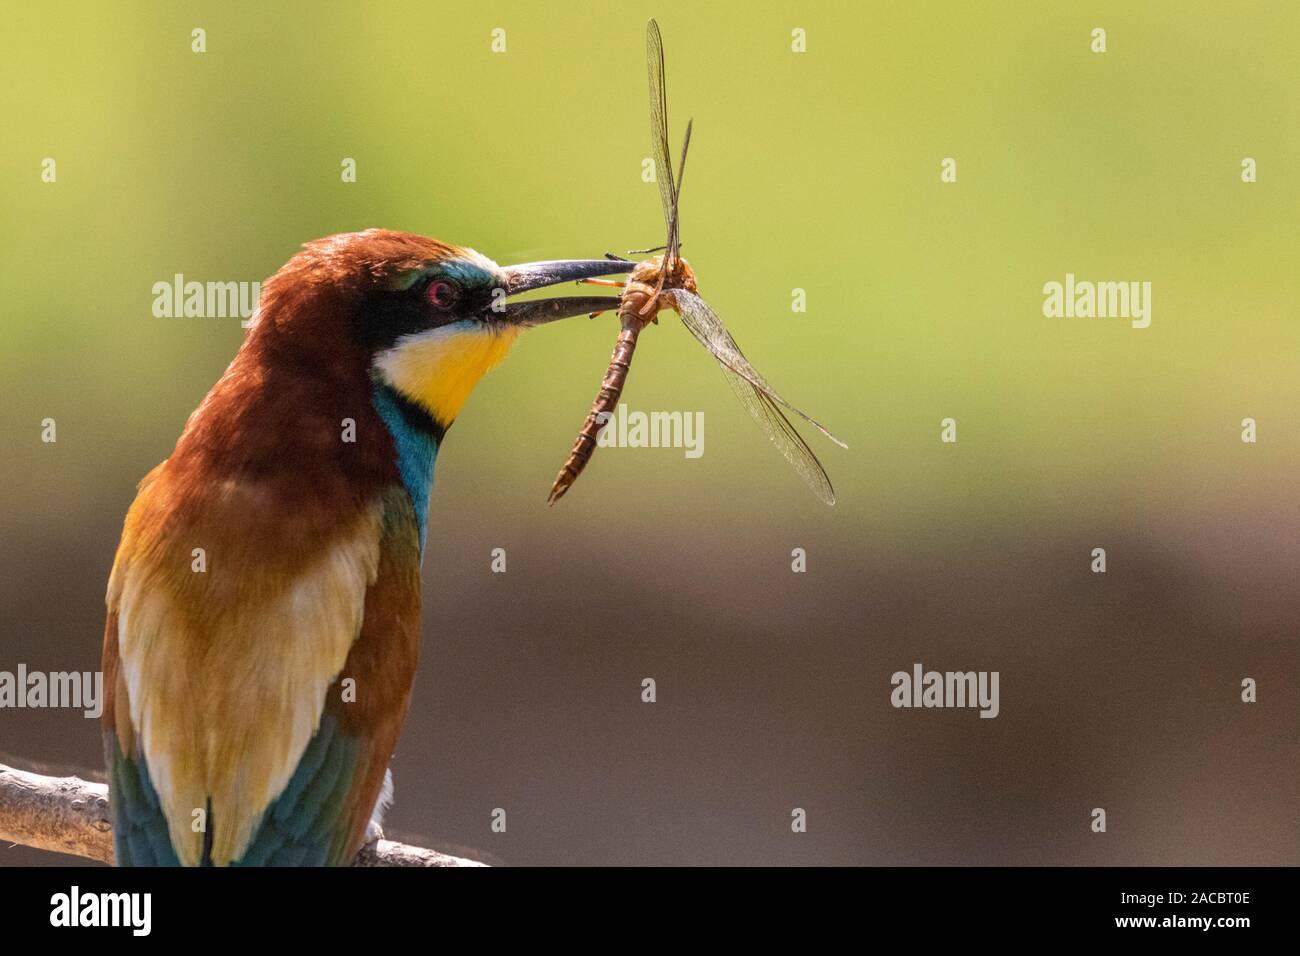 El Abejaruco Europeo, Merops apiaster, sentado en un palo con una libélula en su pico, de agradable y cálida luz matutina, Csongrad, Hungría Foto de stock